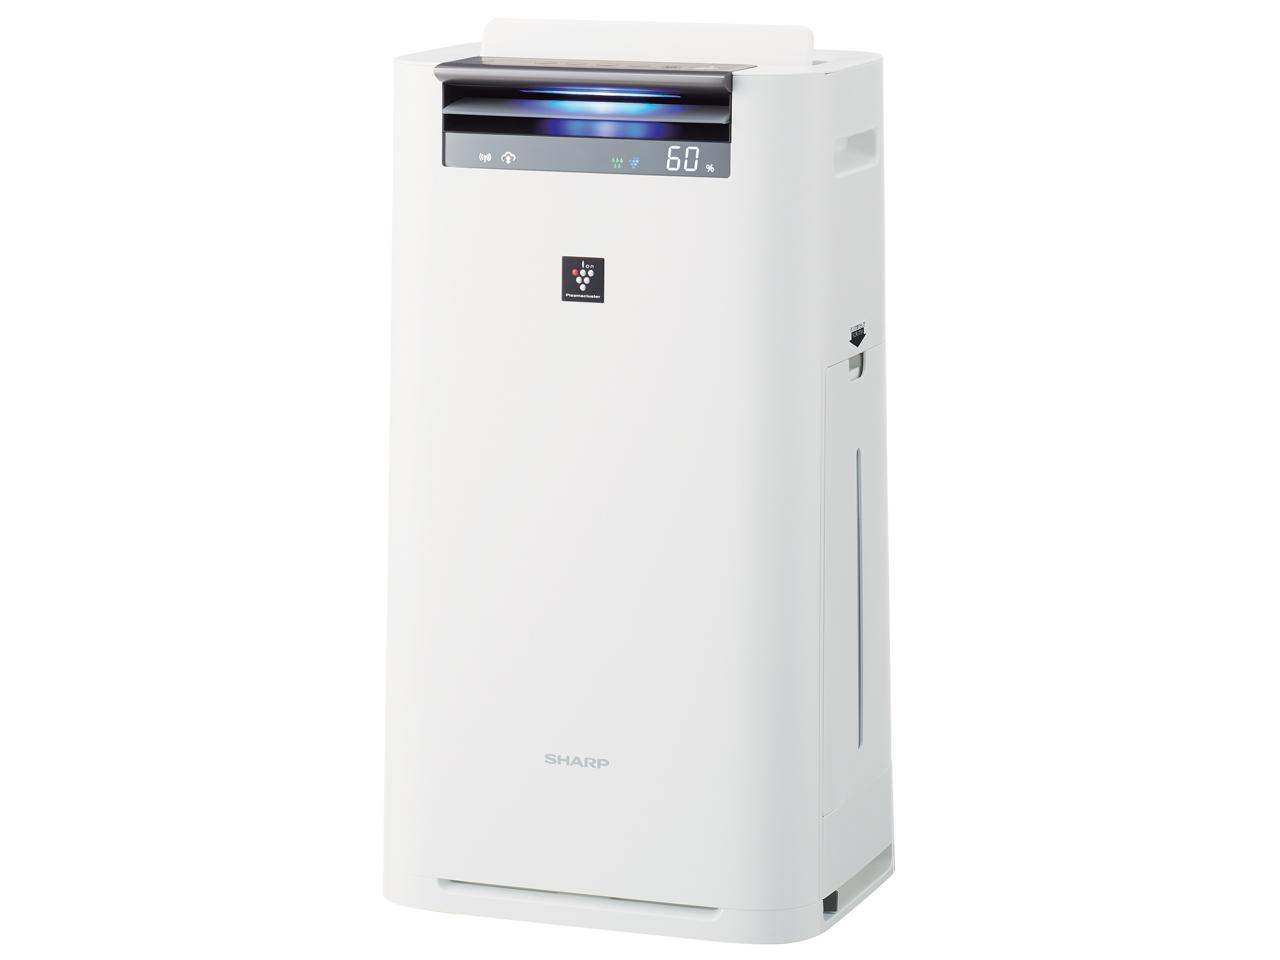 【予約受付中】シャープ プラズマクラスター25000搭載加湿空気清浄機【空清23畳まで/加湿22畳まで】KI-LS50-W